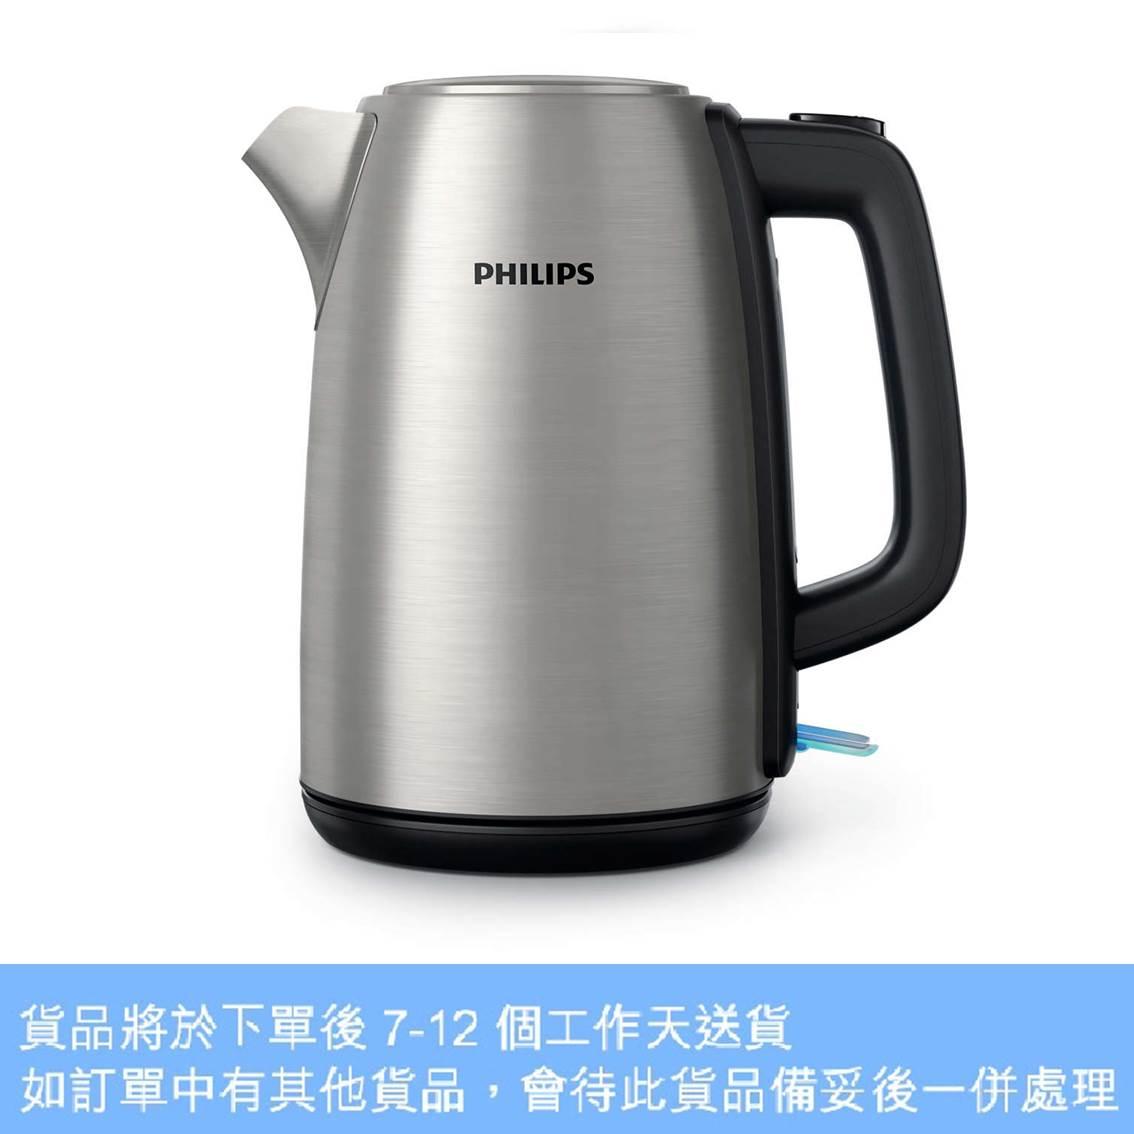 PHILIPS 飛利浦不銹鋼無線電熱水壺1.7L